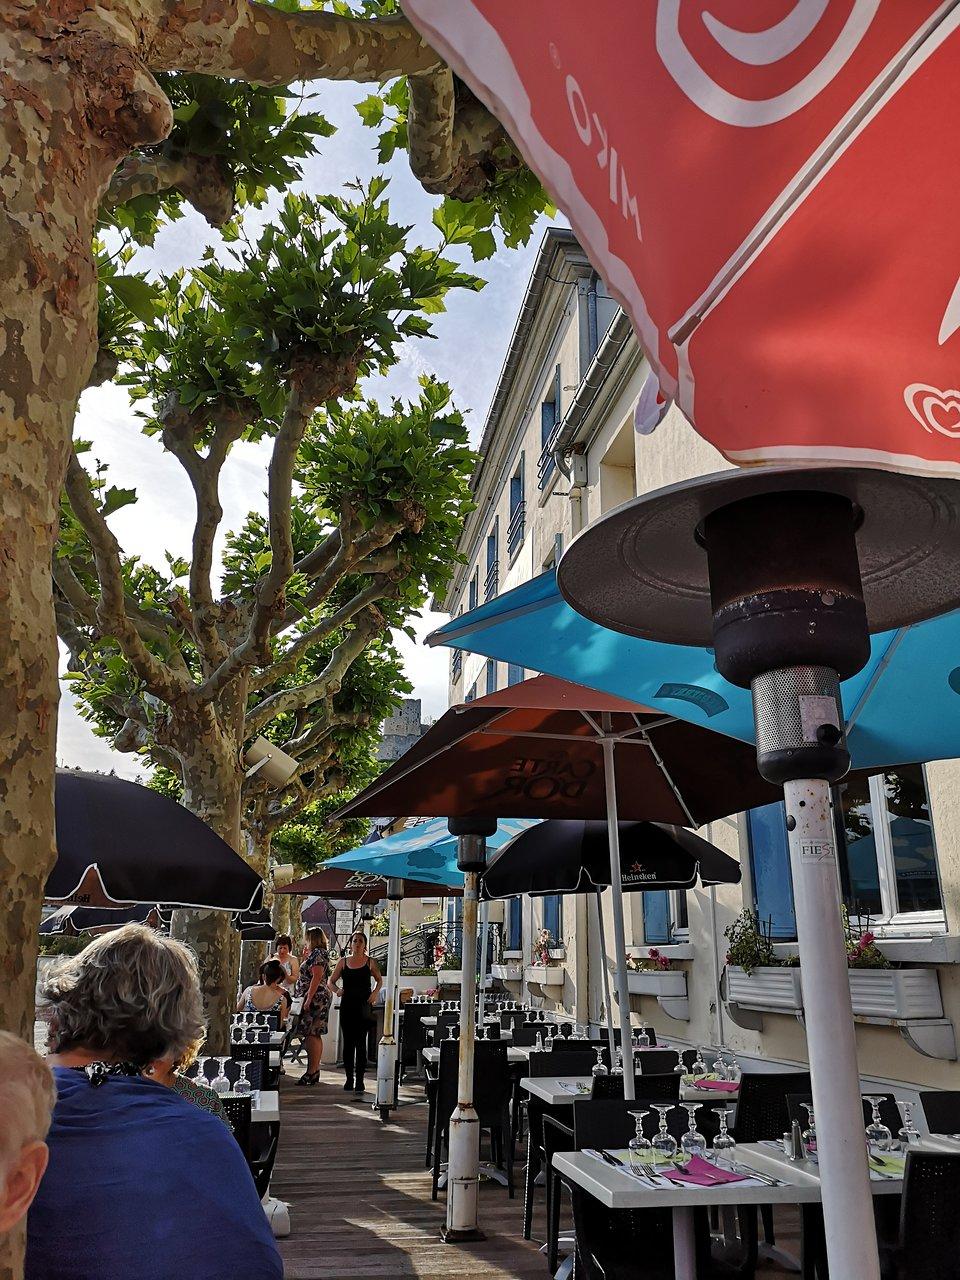 Mezy Sur Seine Avis les bords de seine hotel-restaurant (la roche-guyon